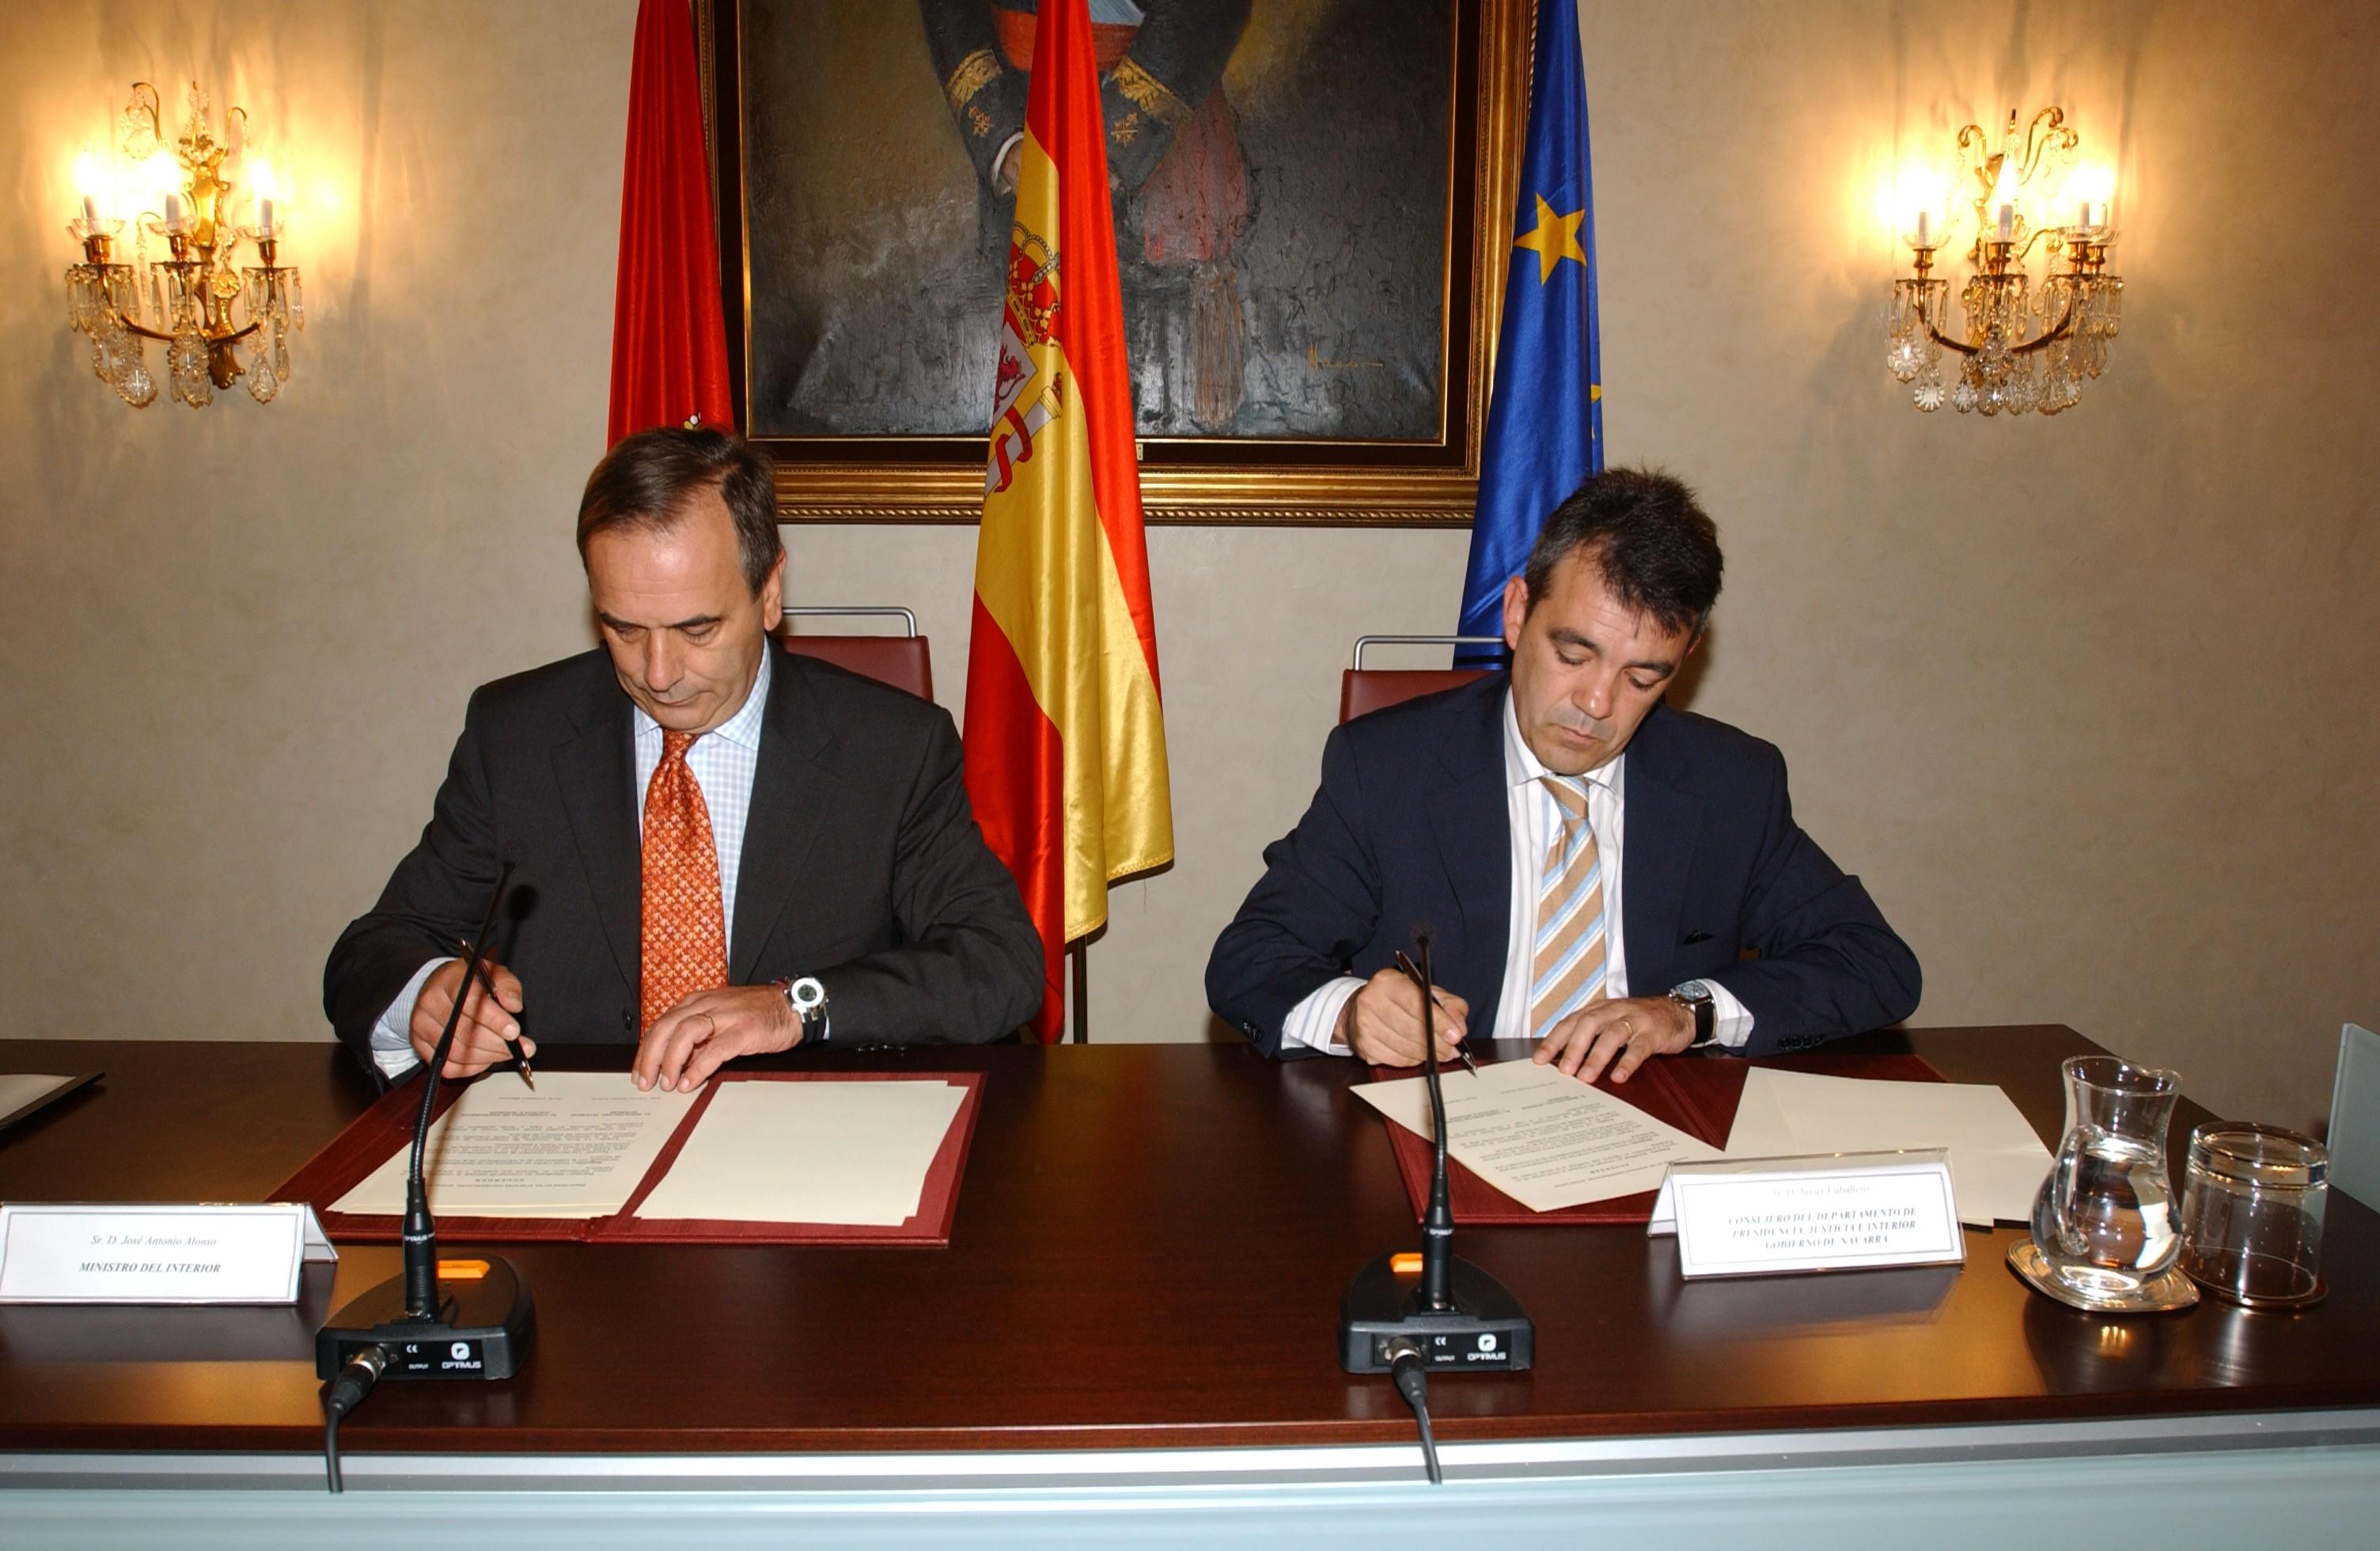 Acuerdo del gobierno de navarra y el ministerio del for Nuevo ministro de interior y justicia